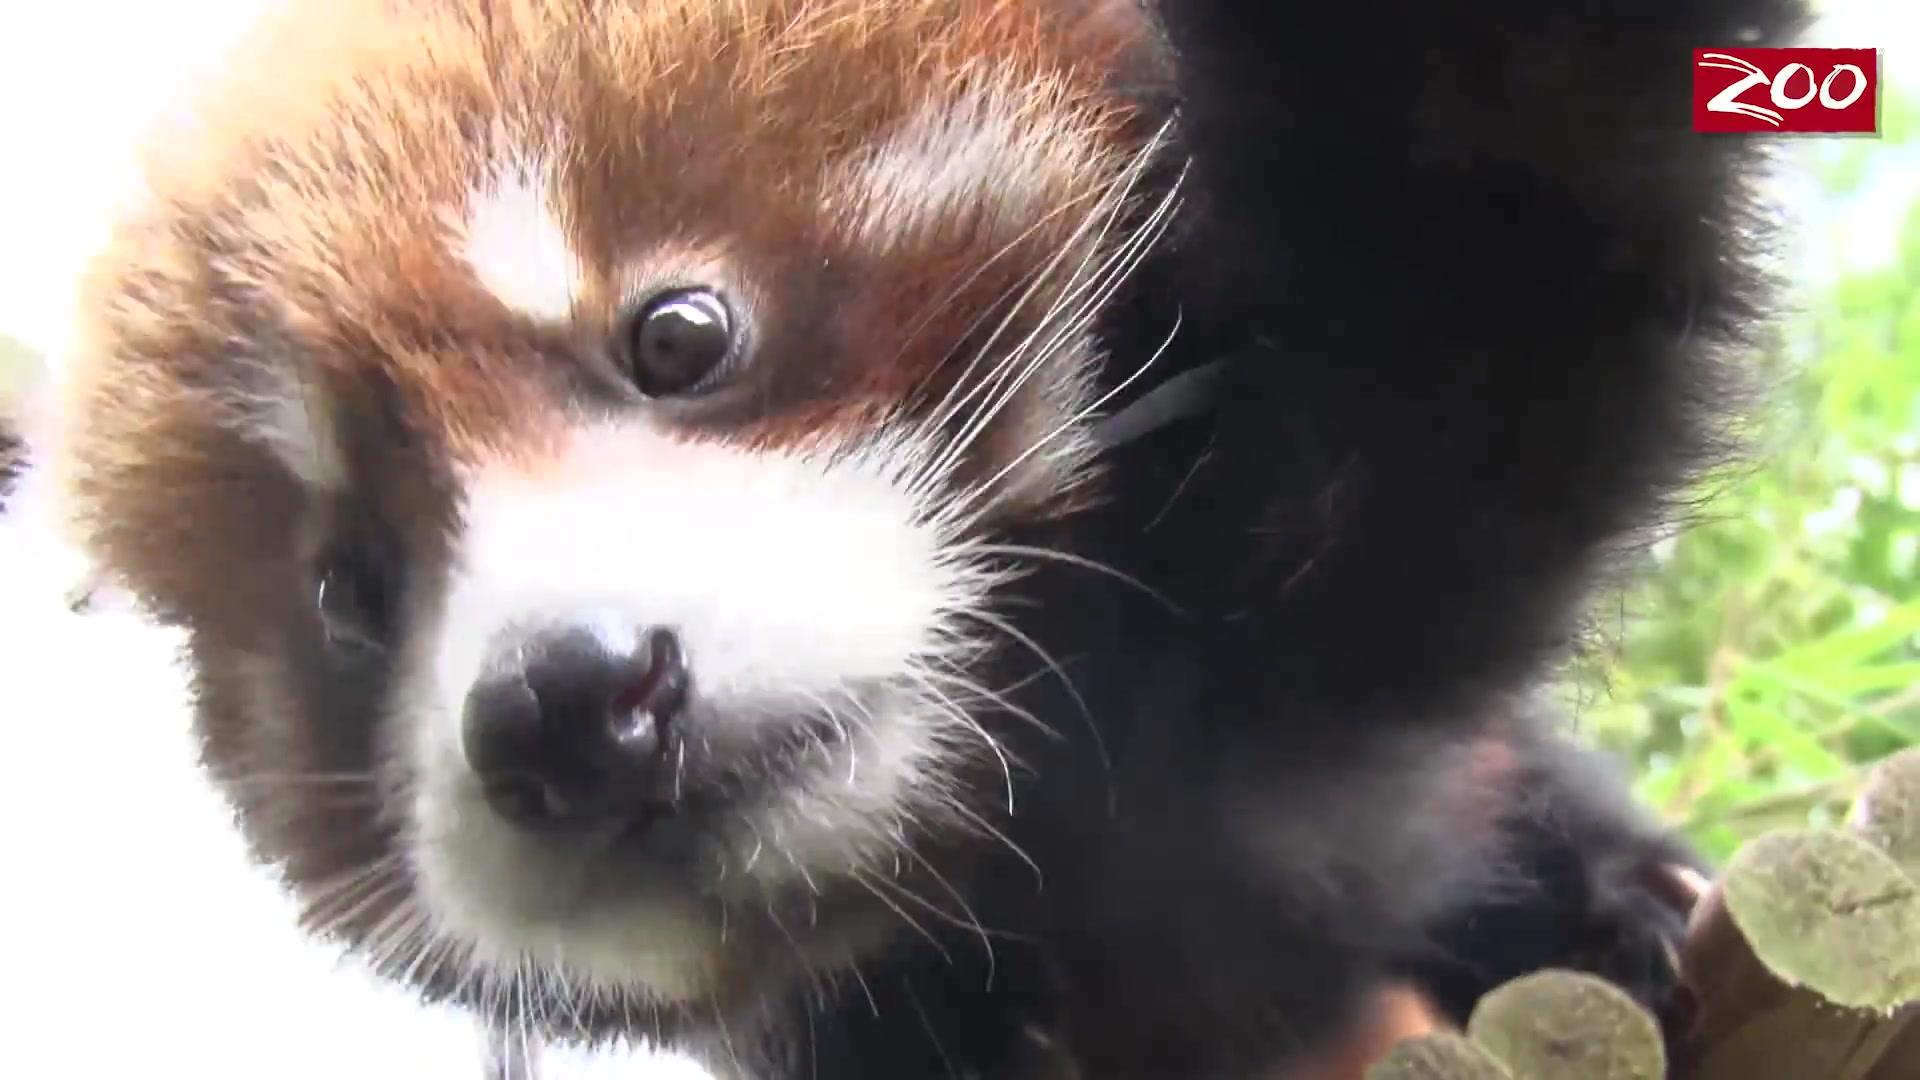 【小熊猫】哥伦布动物园的小熊猫,来吸